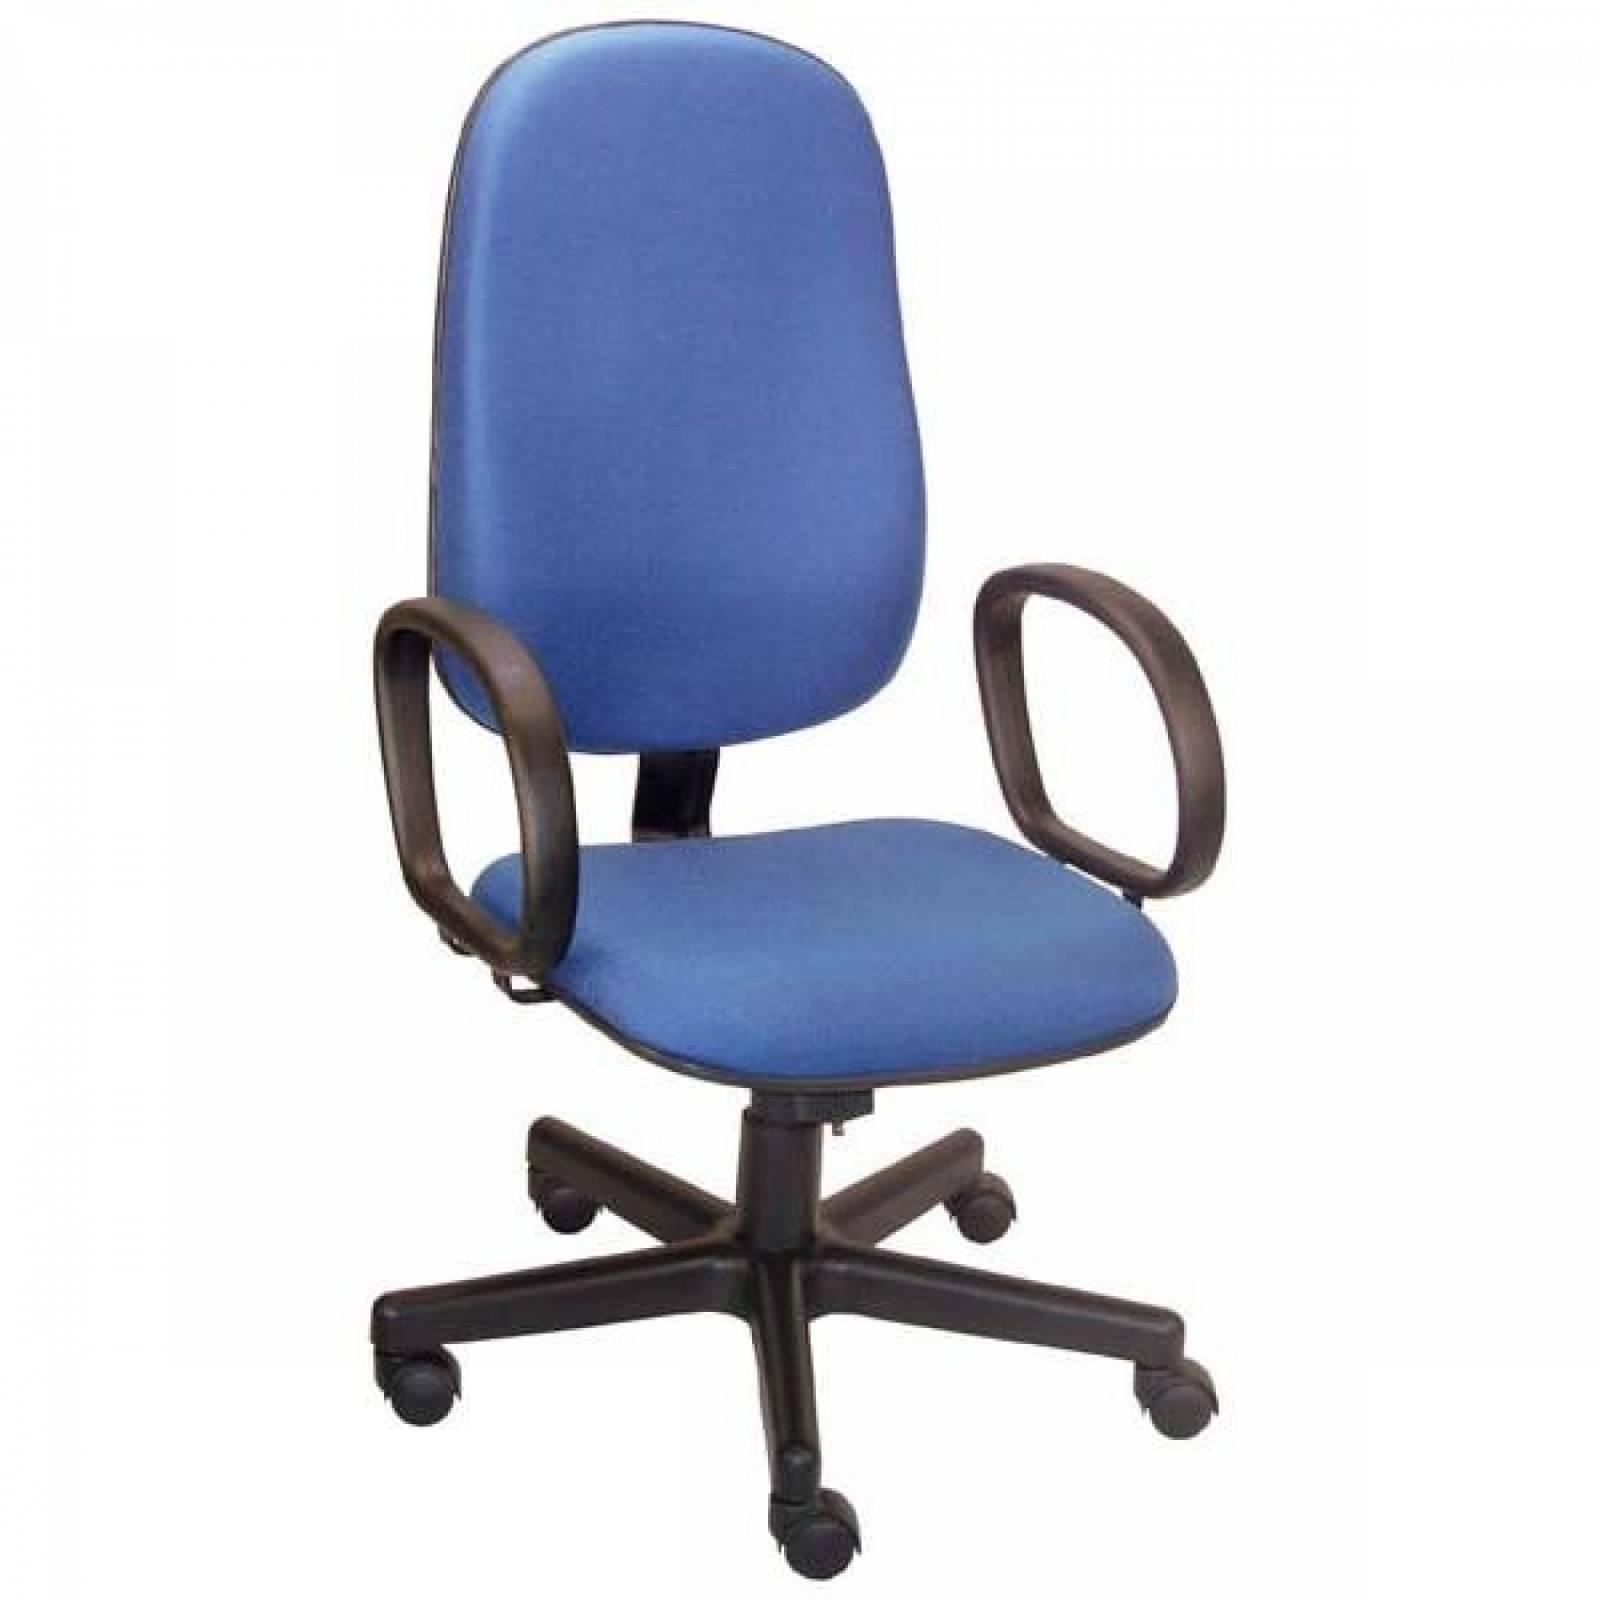 Cadeira Presidente tecido para escritório - FRISOKAR